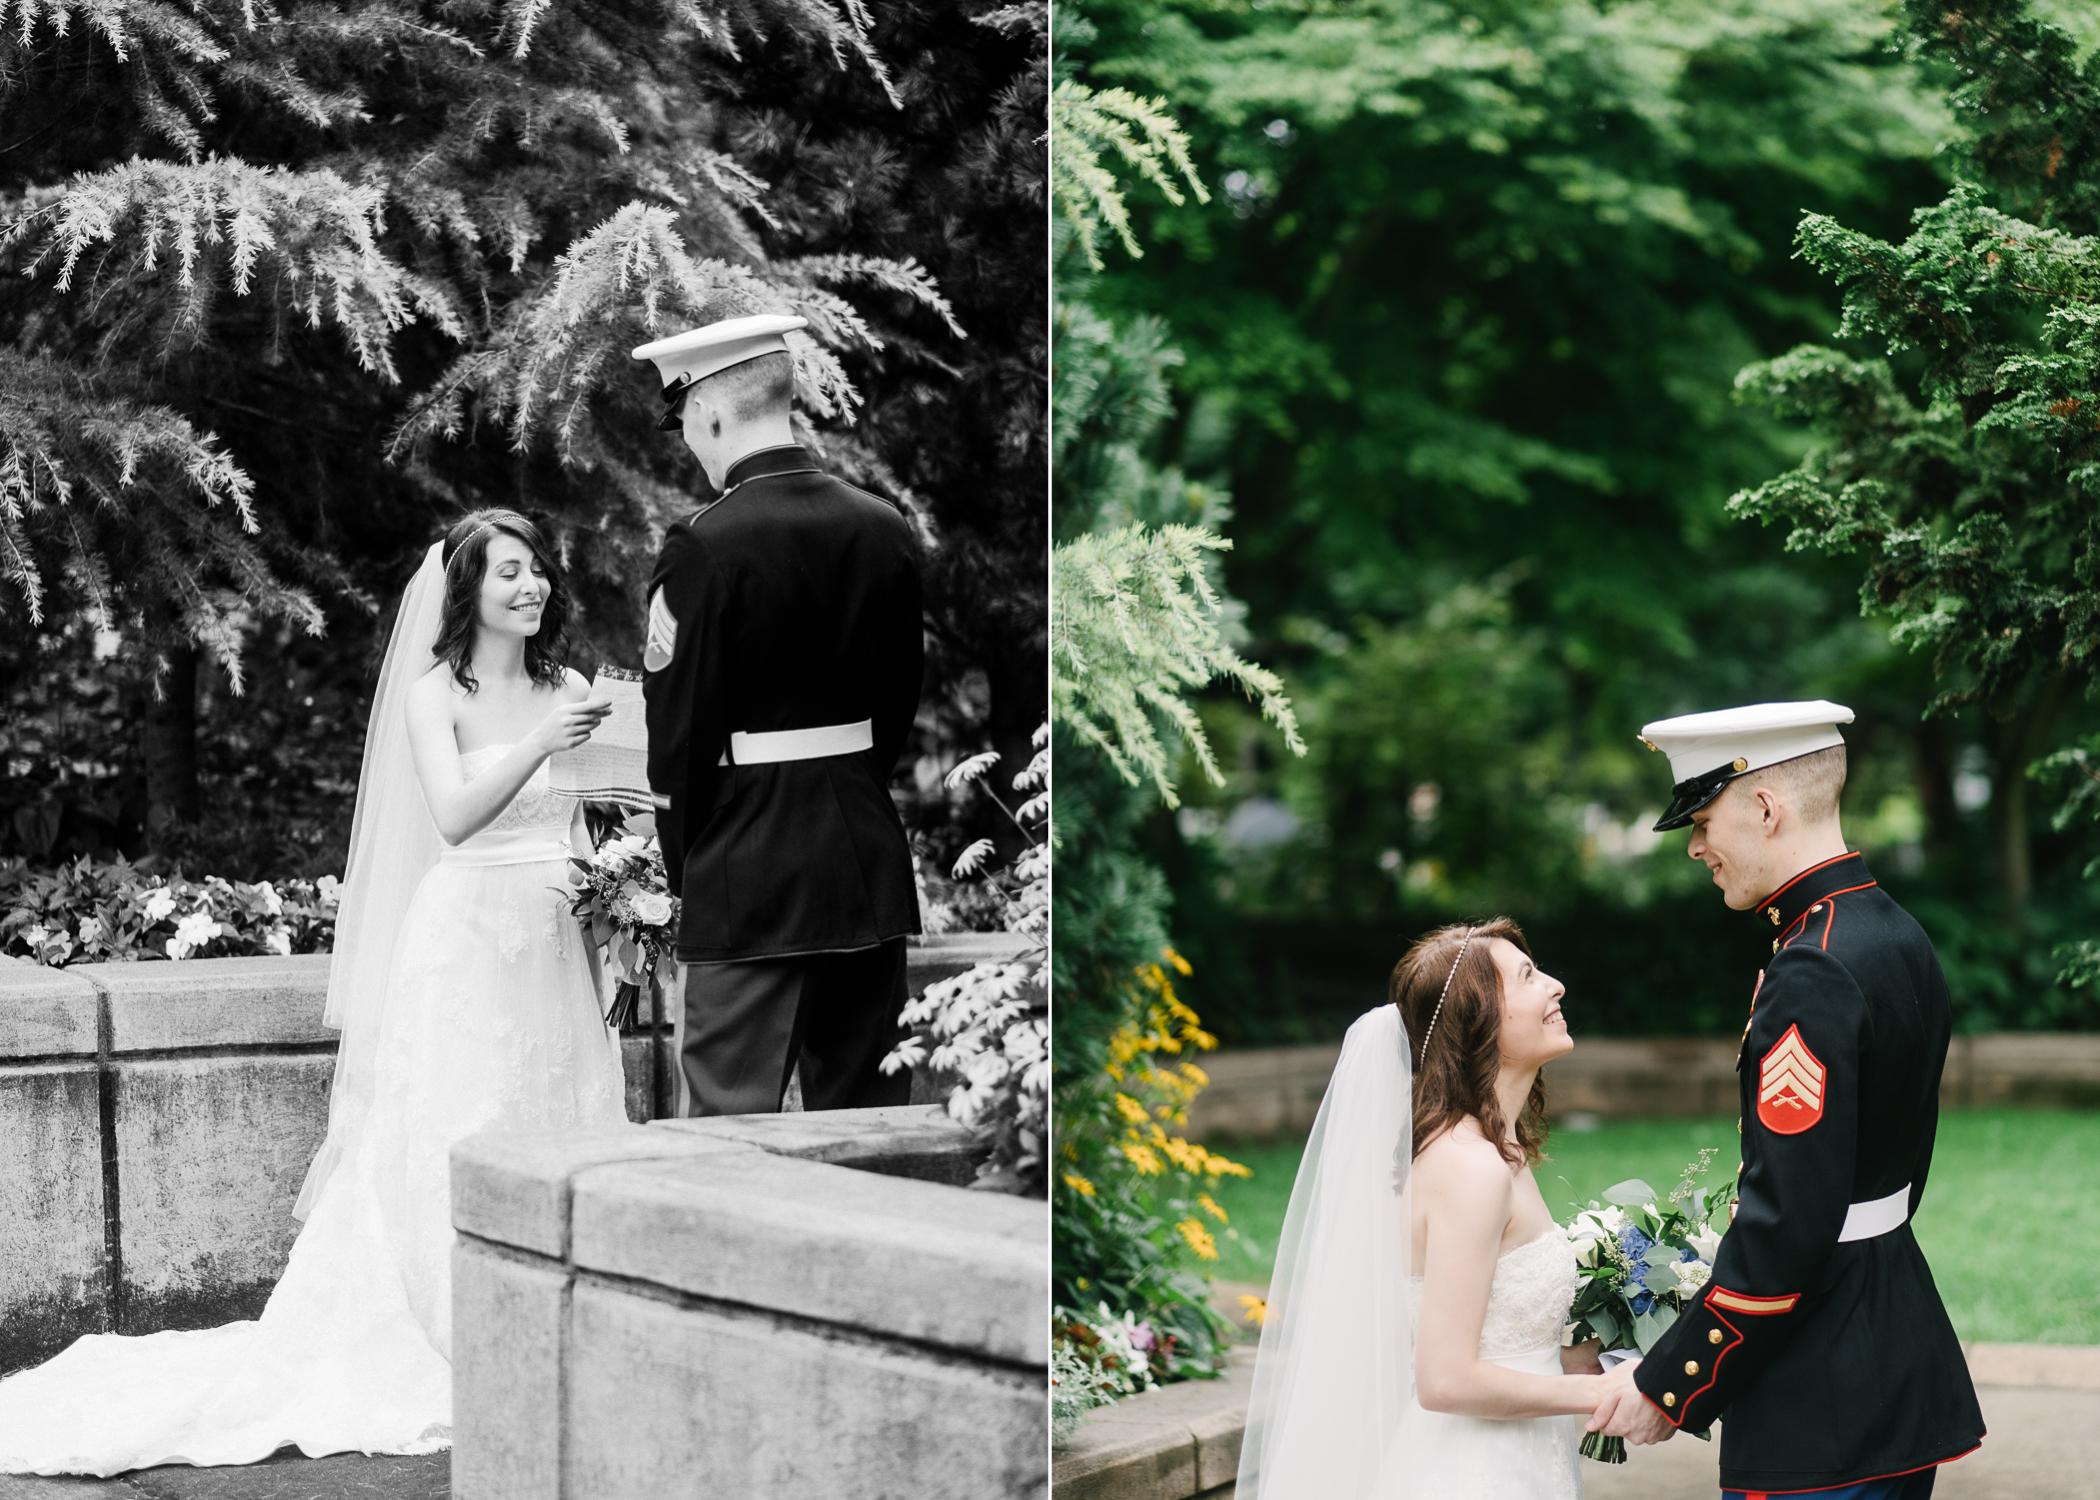 portland-park-elopement-032.JPG